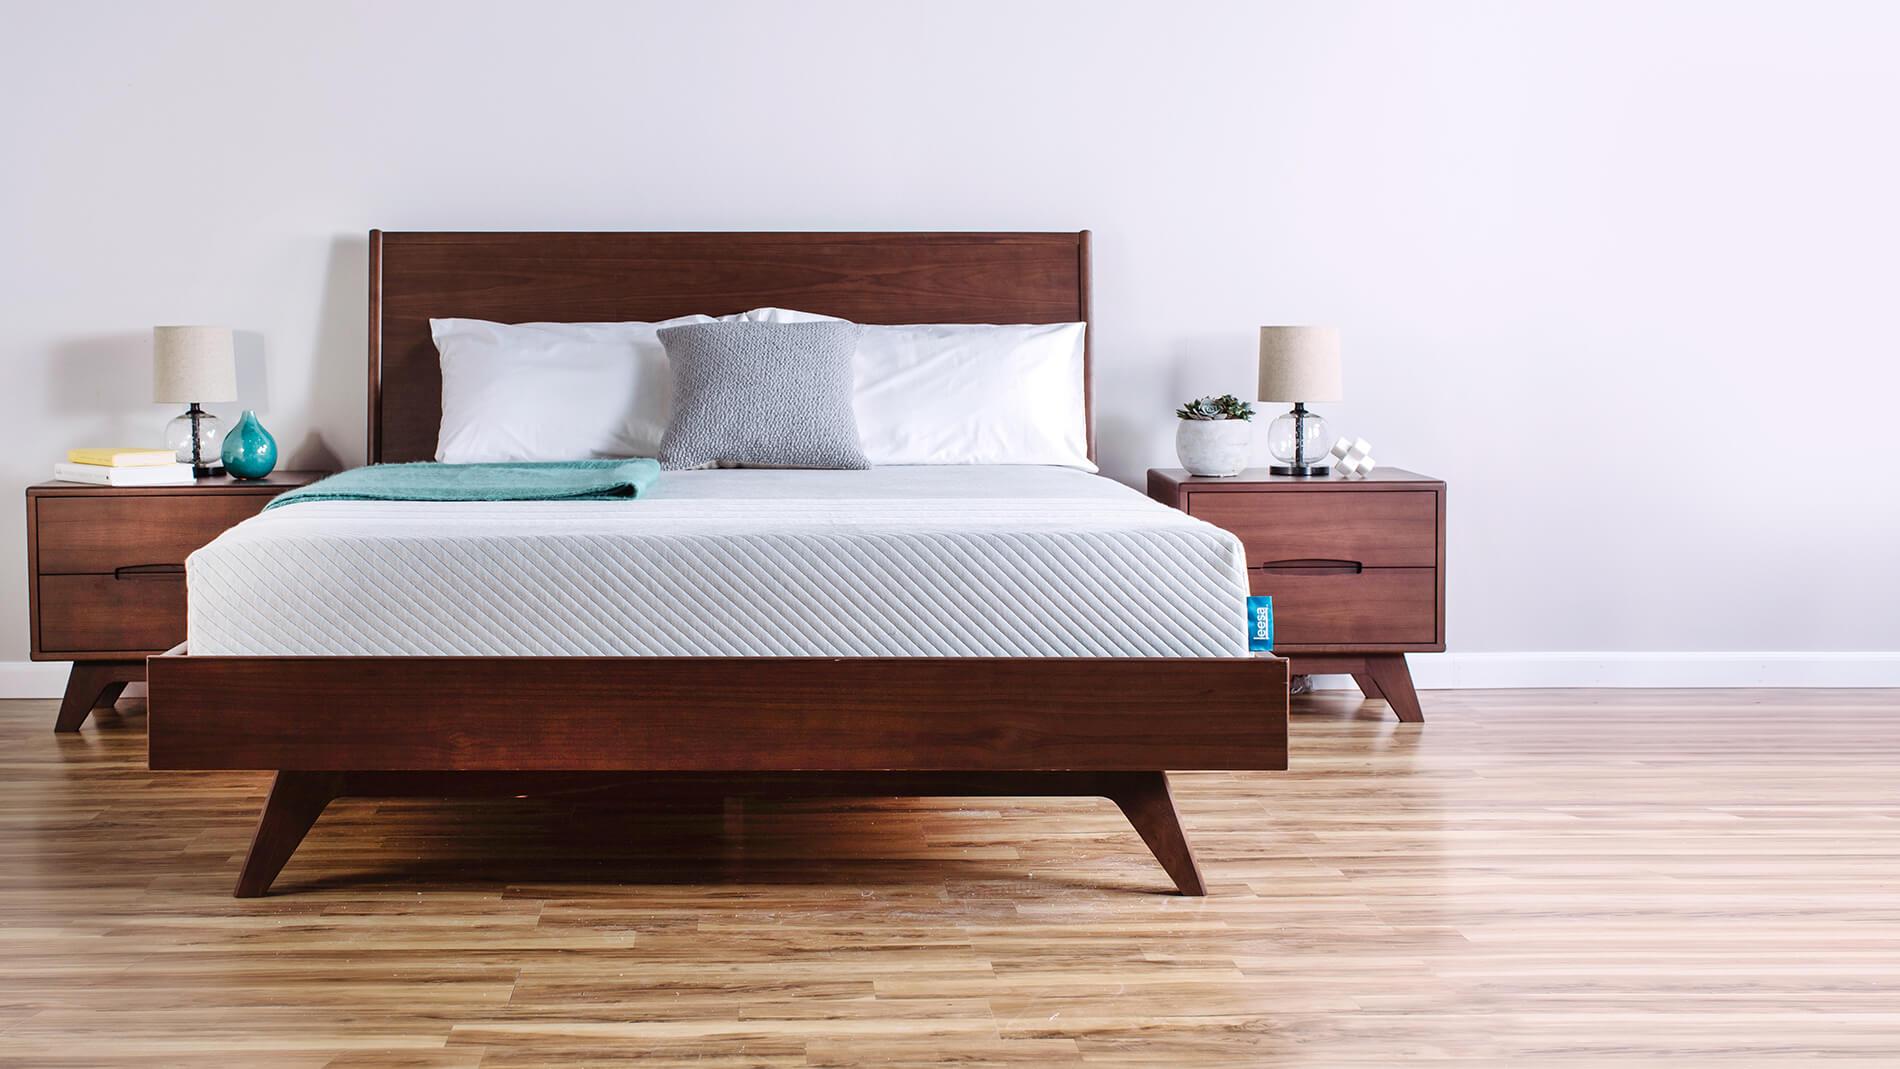 leesa-mattress-1900px-1